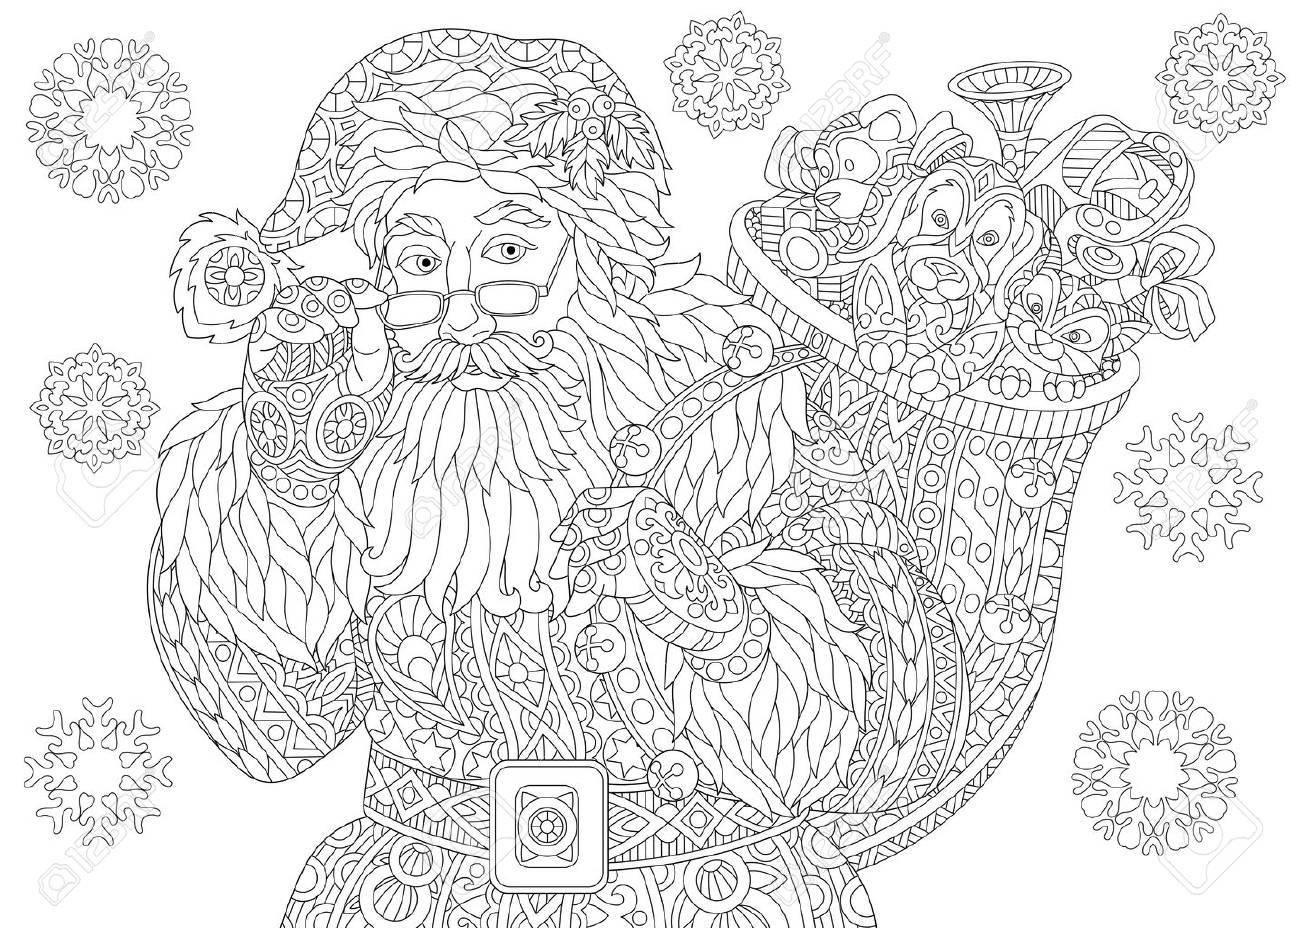 Coloriage Du Père Noël Avec Plein Sac De Cadeaux De Vacances